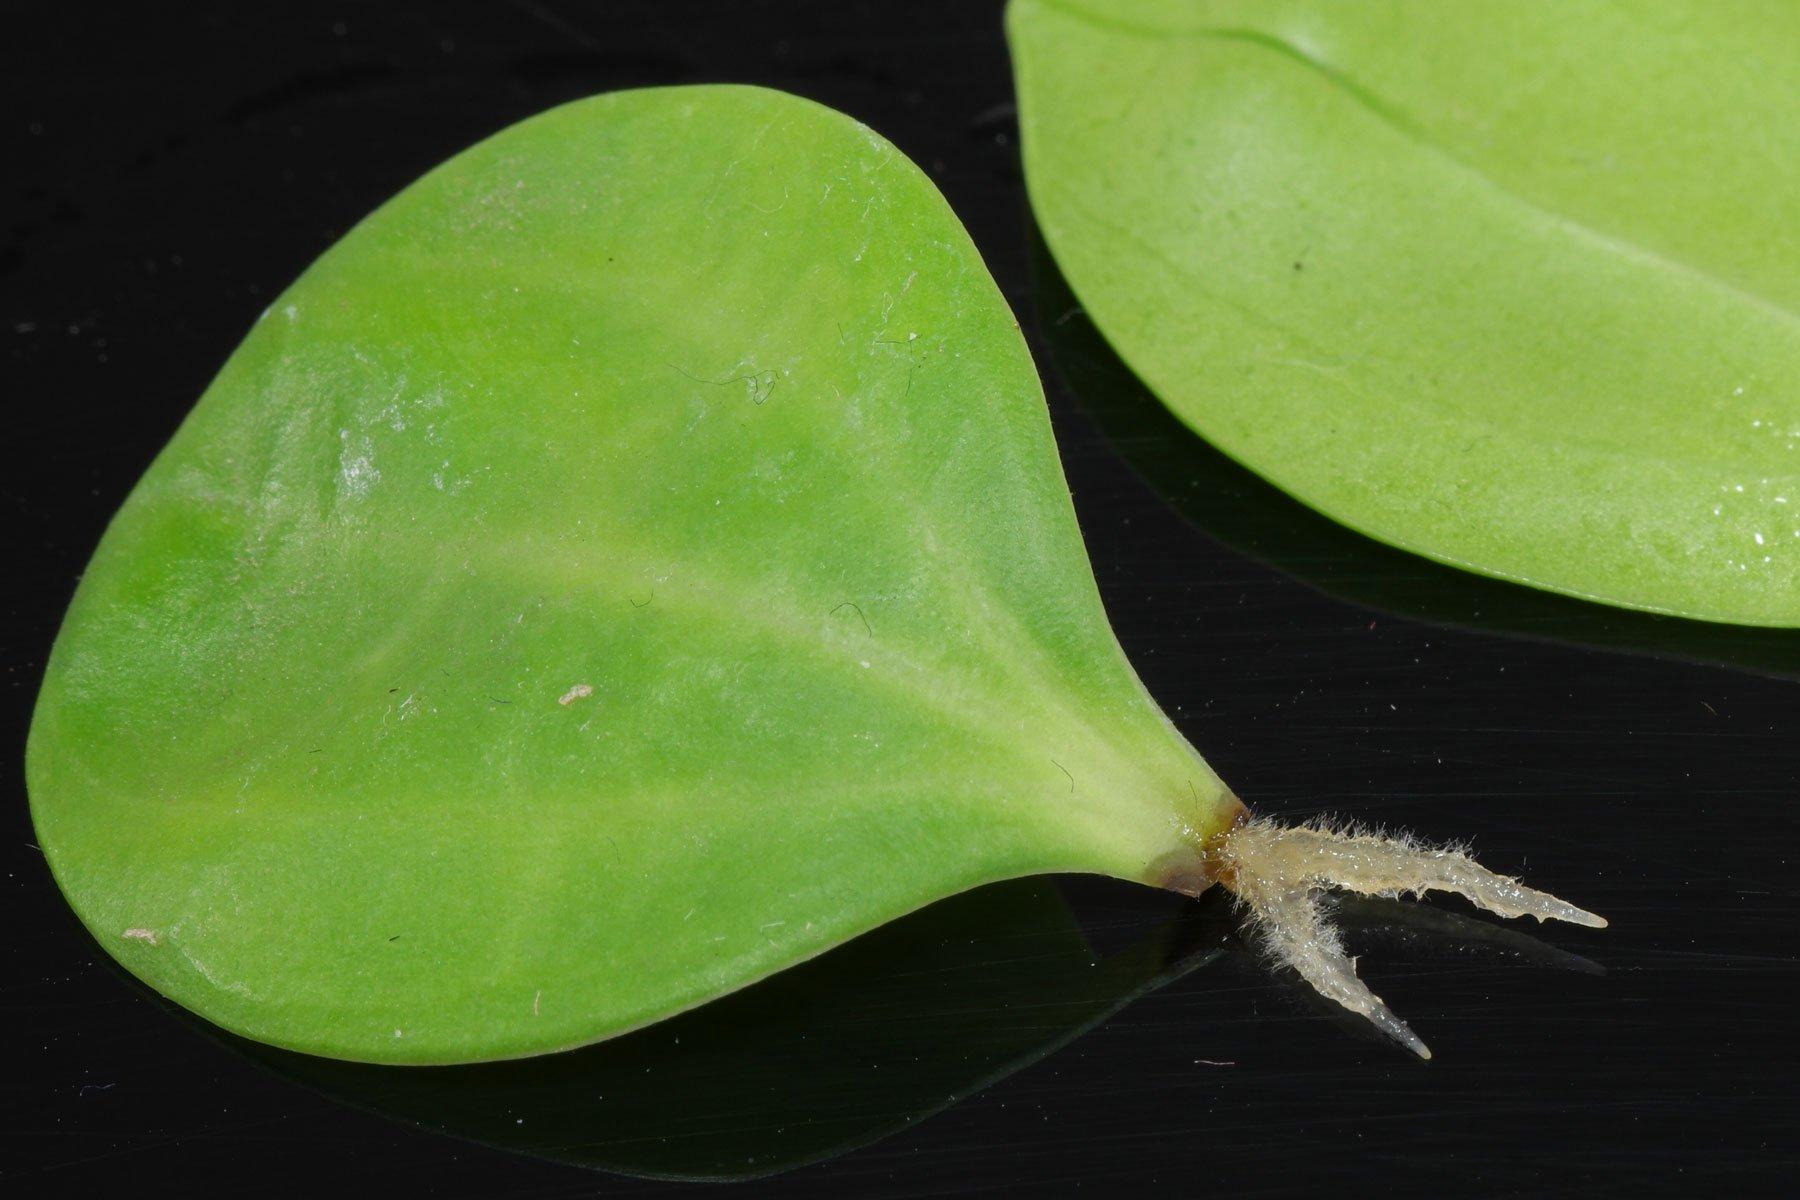 Peperomia pereskiifolia Blattsteckling